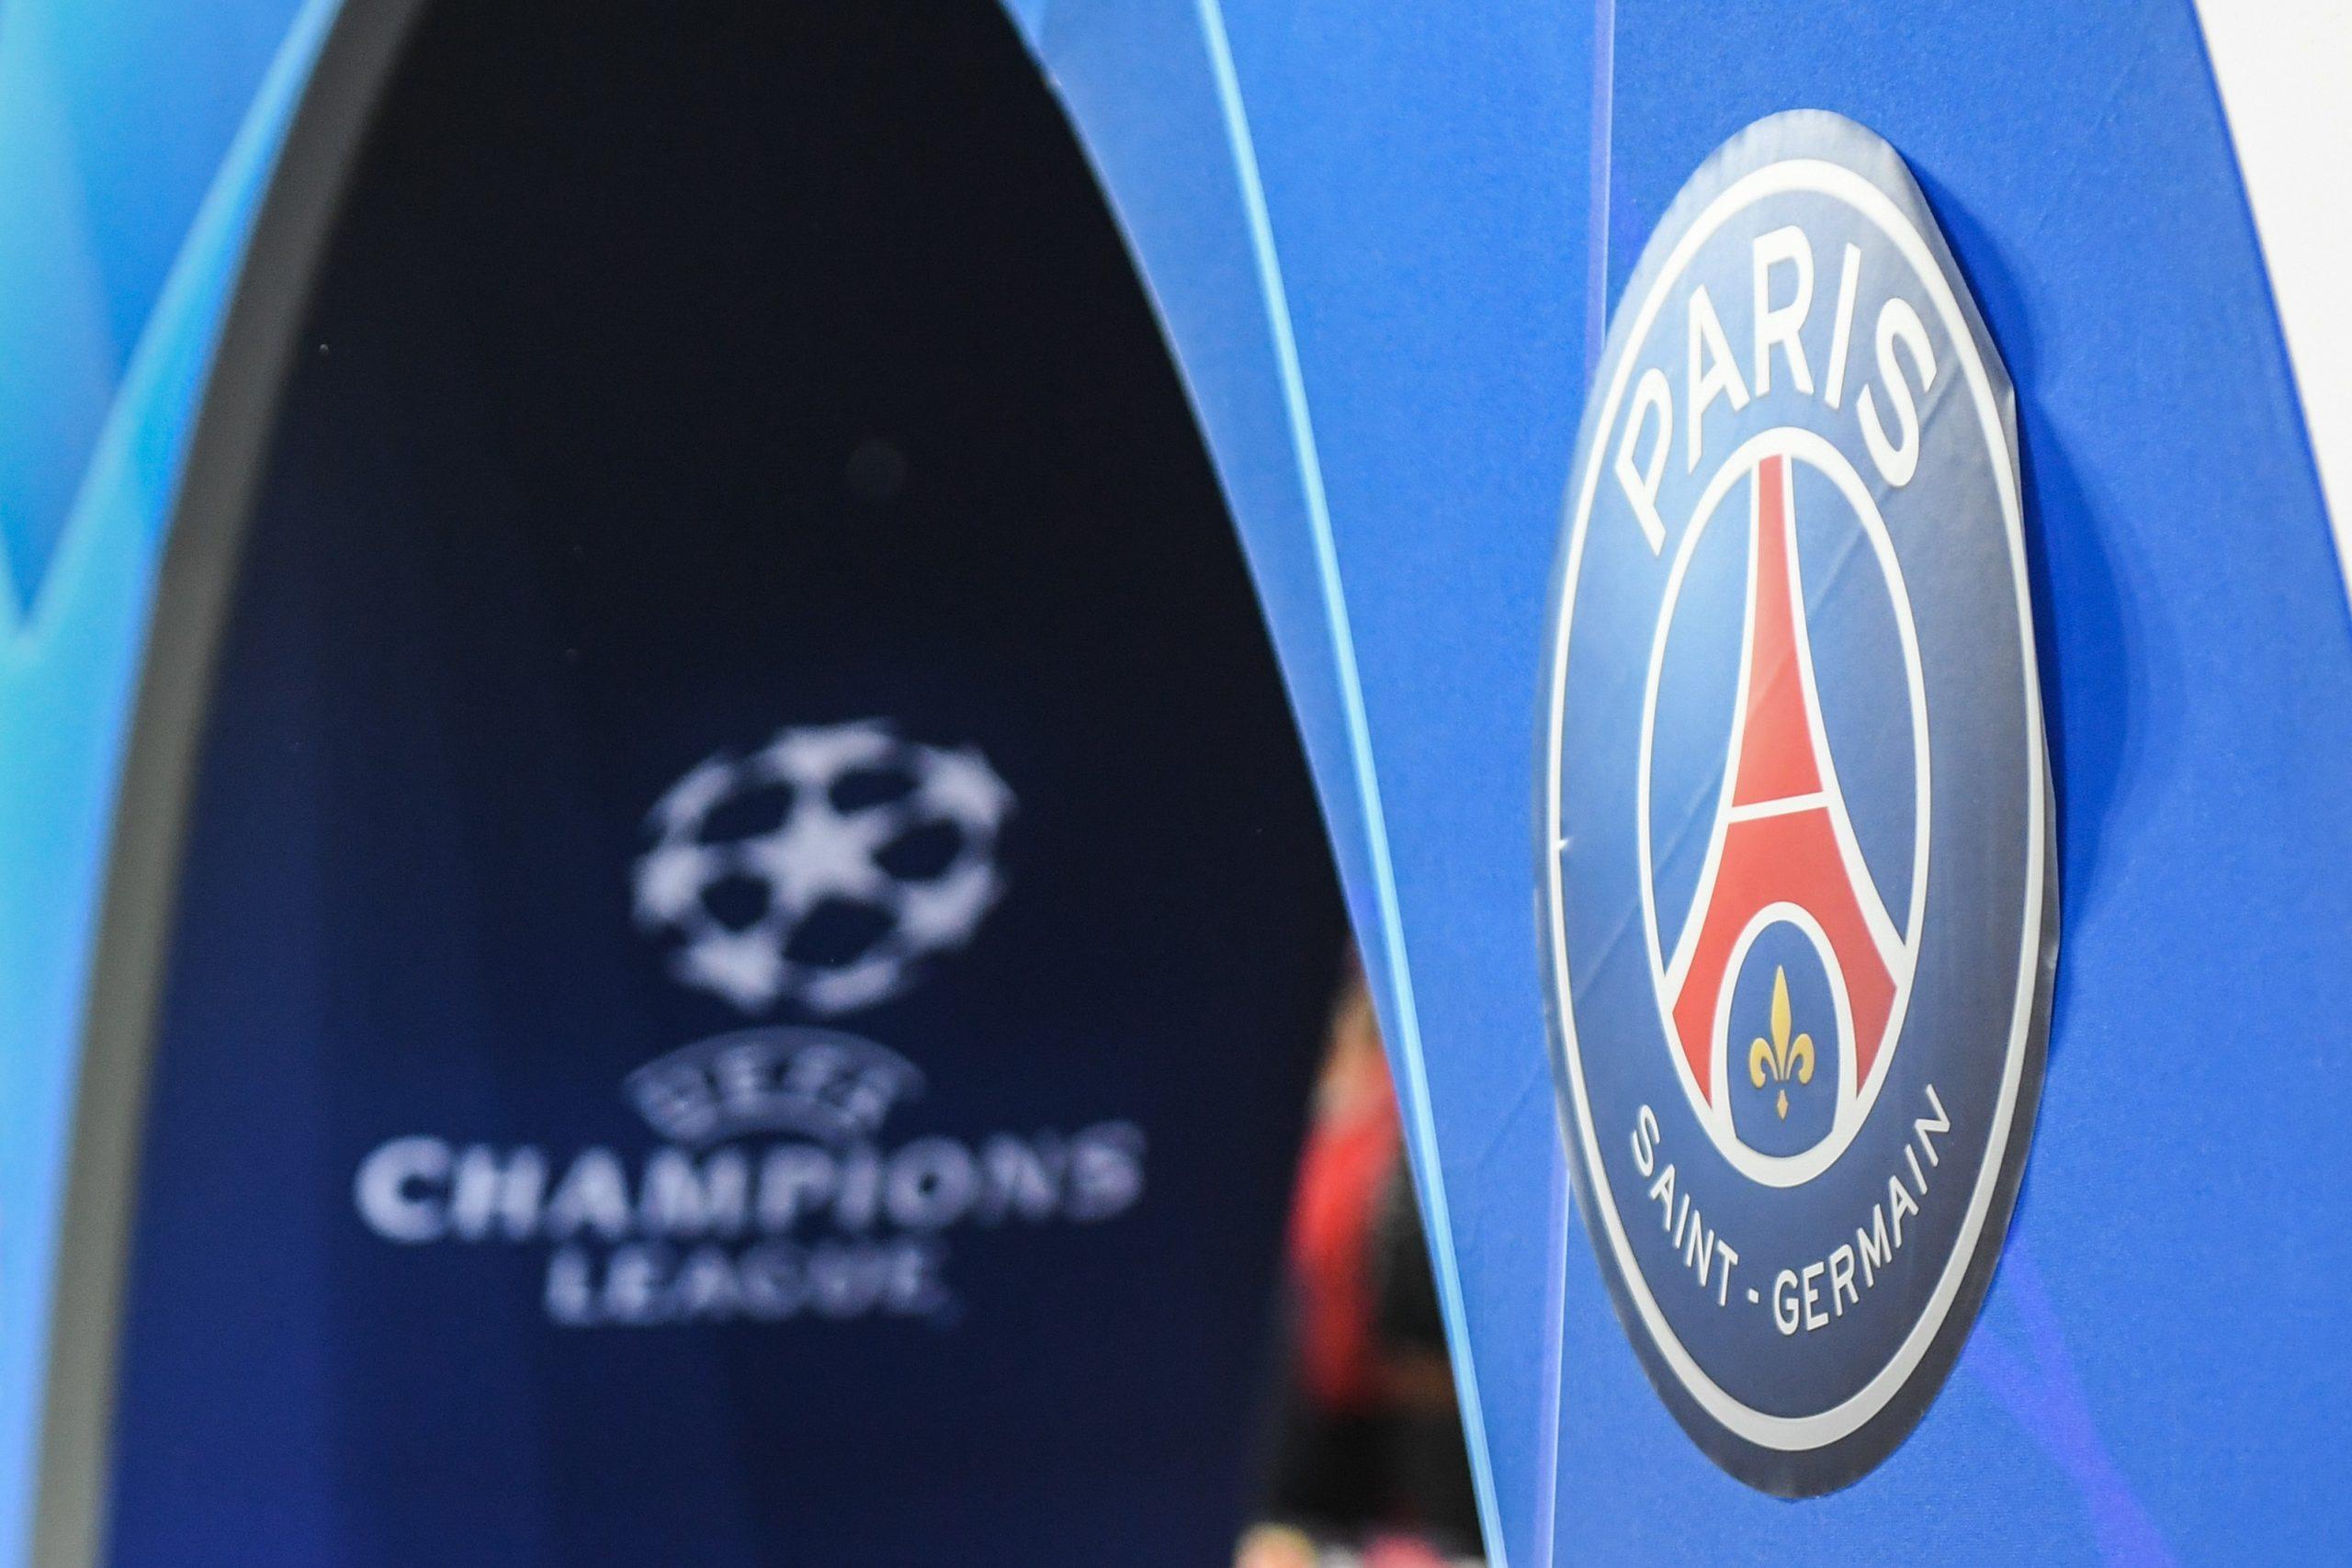 Sky indique les dates des quarts de finale de la Ligue des Champions, joués en un match